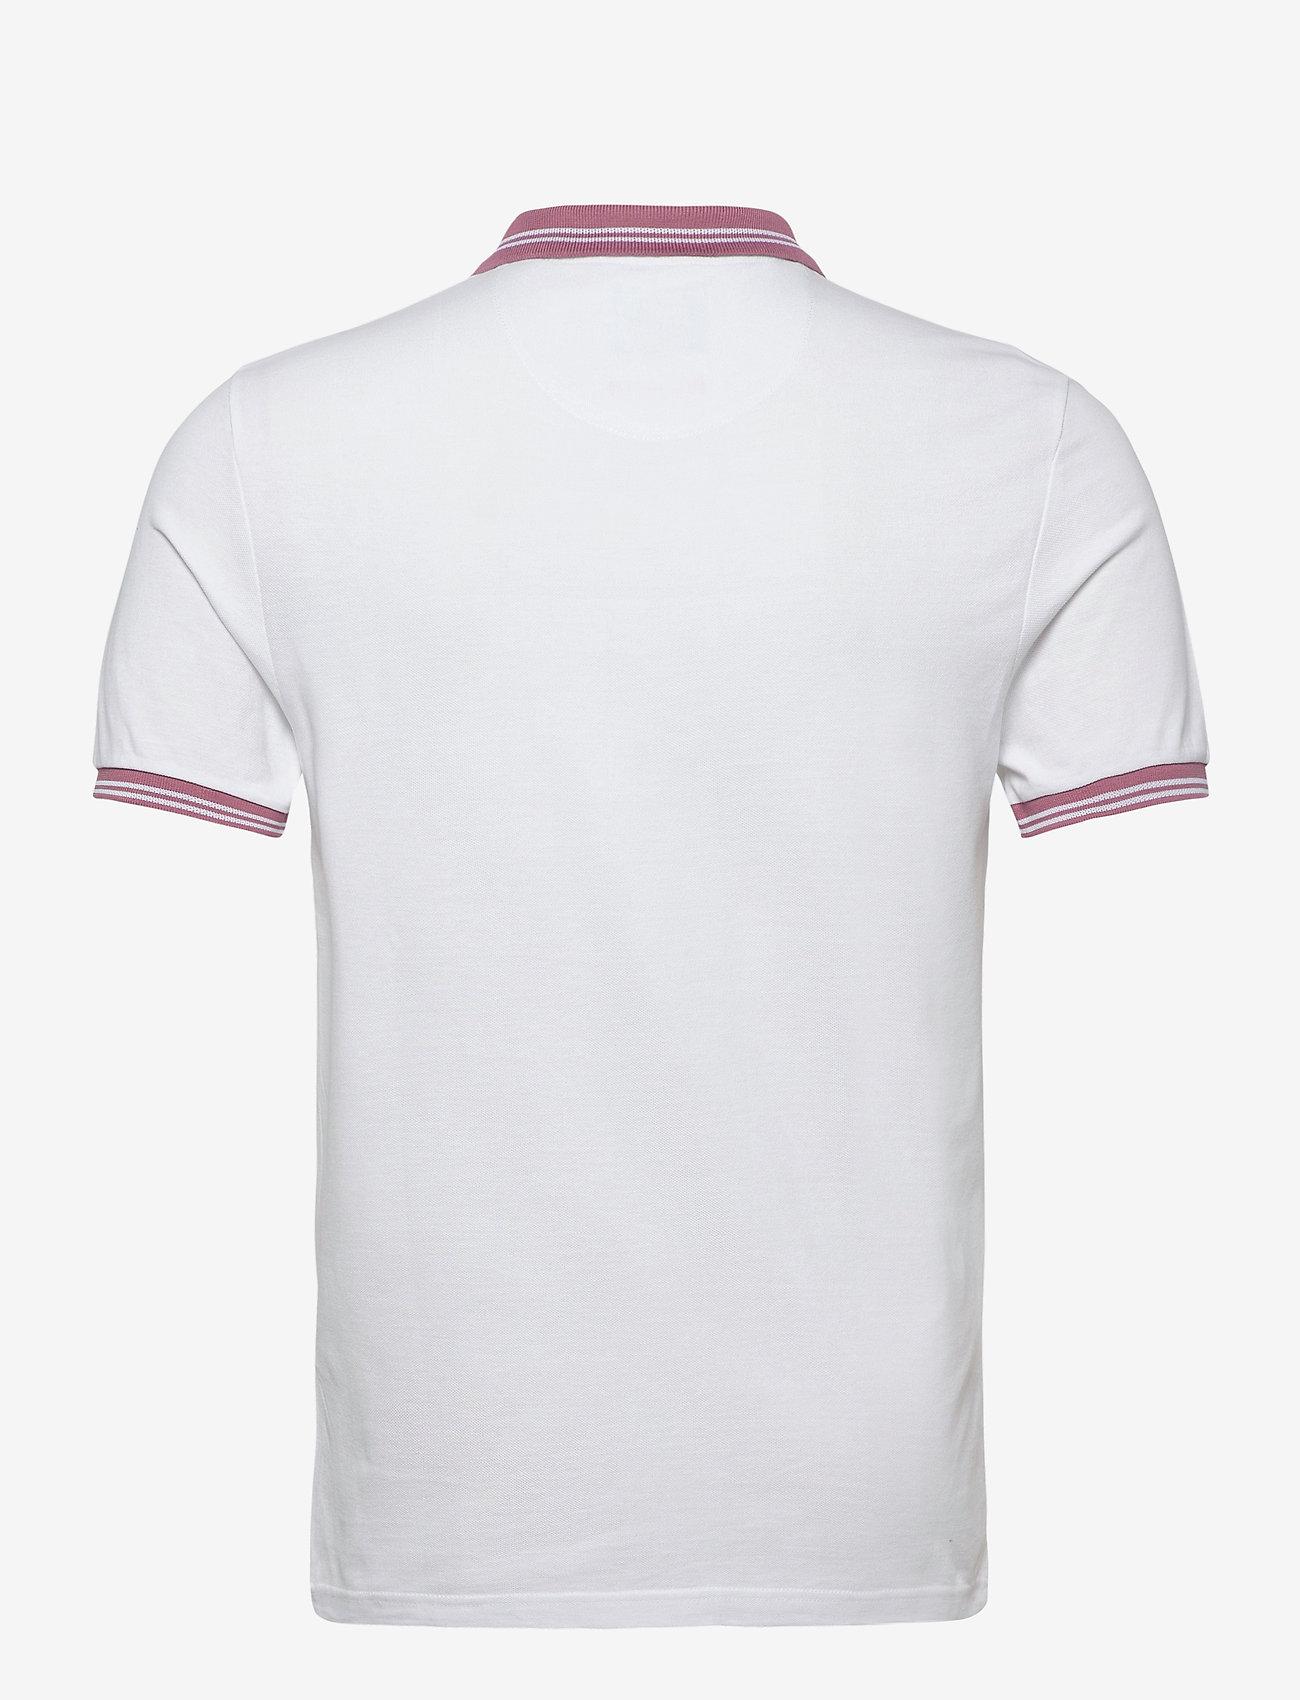 Farah STANTON POLO - Poloskjorter WHITE - Menn Klær